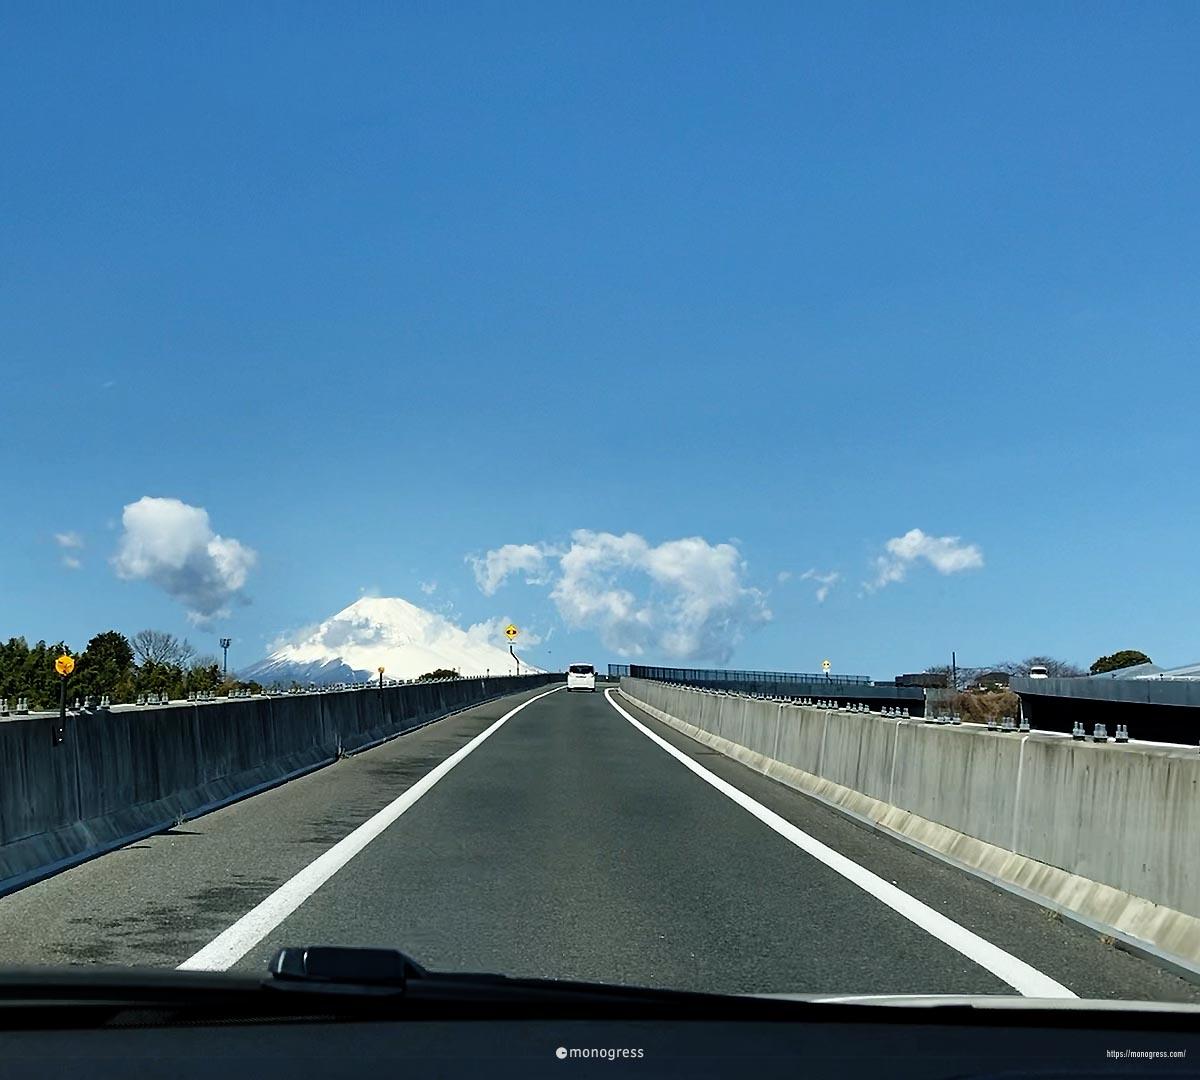 富士山が大きく見える静岡ドライブは楽しいぞ